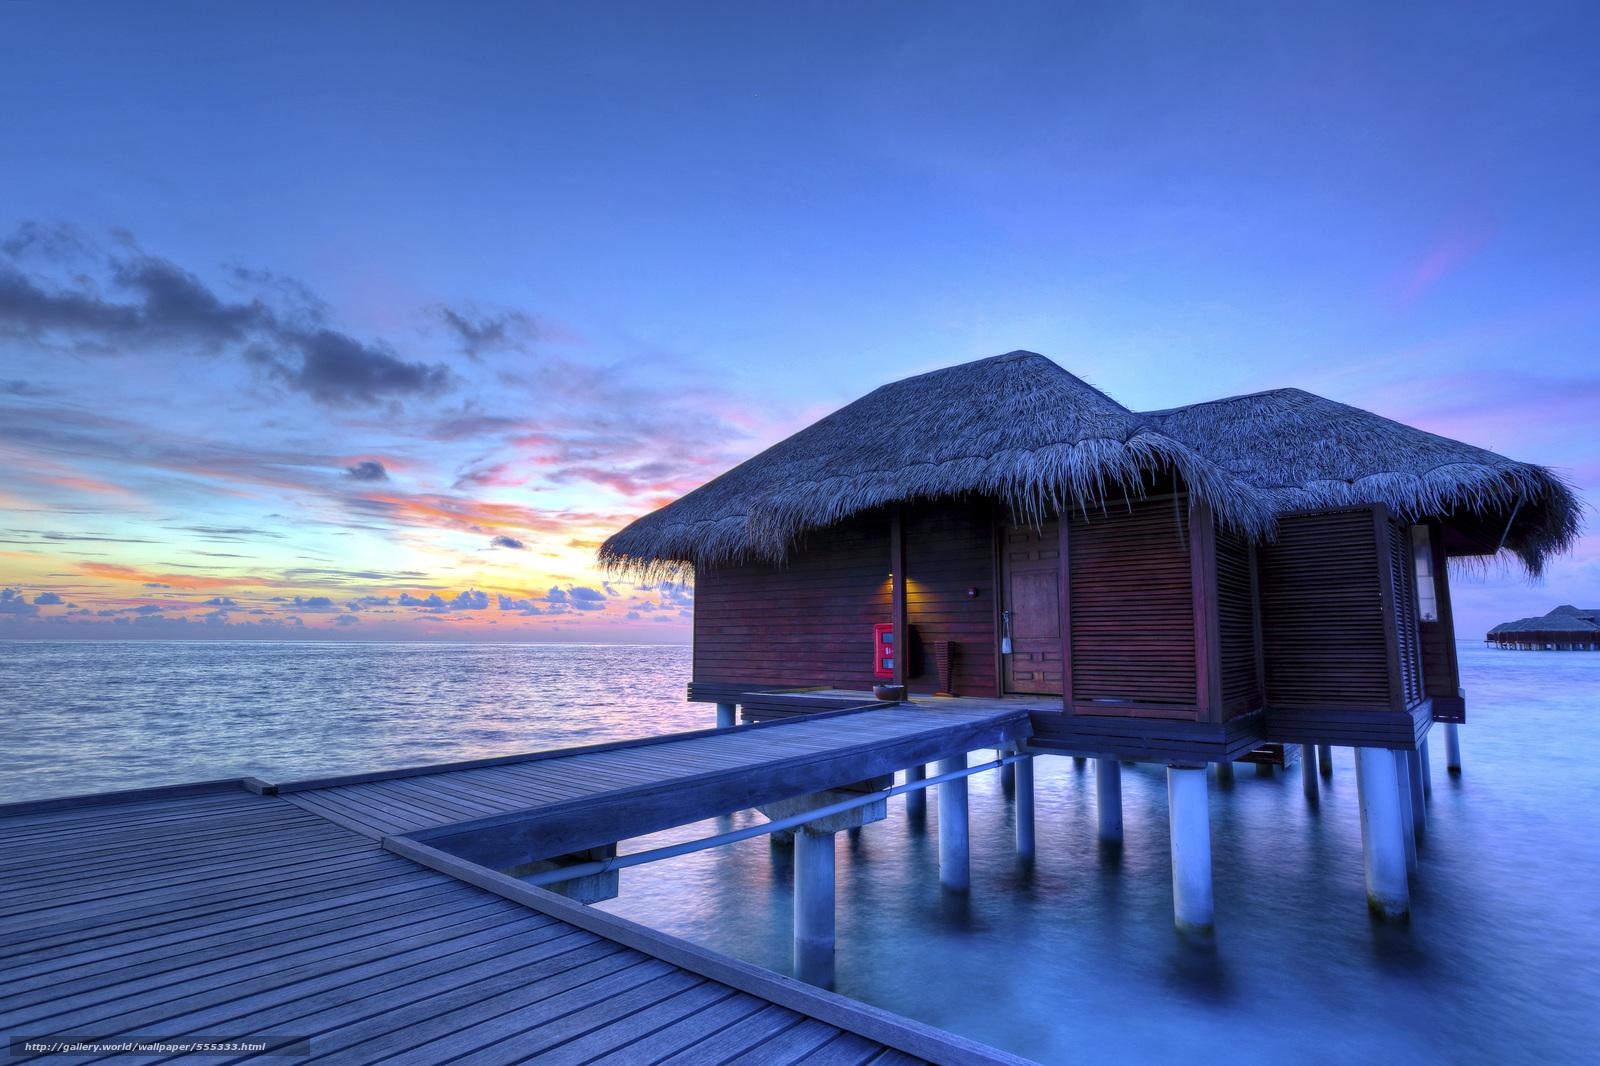 maldives desktop wallpapers 1680x1050 - photo #4